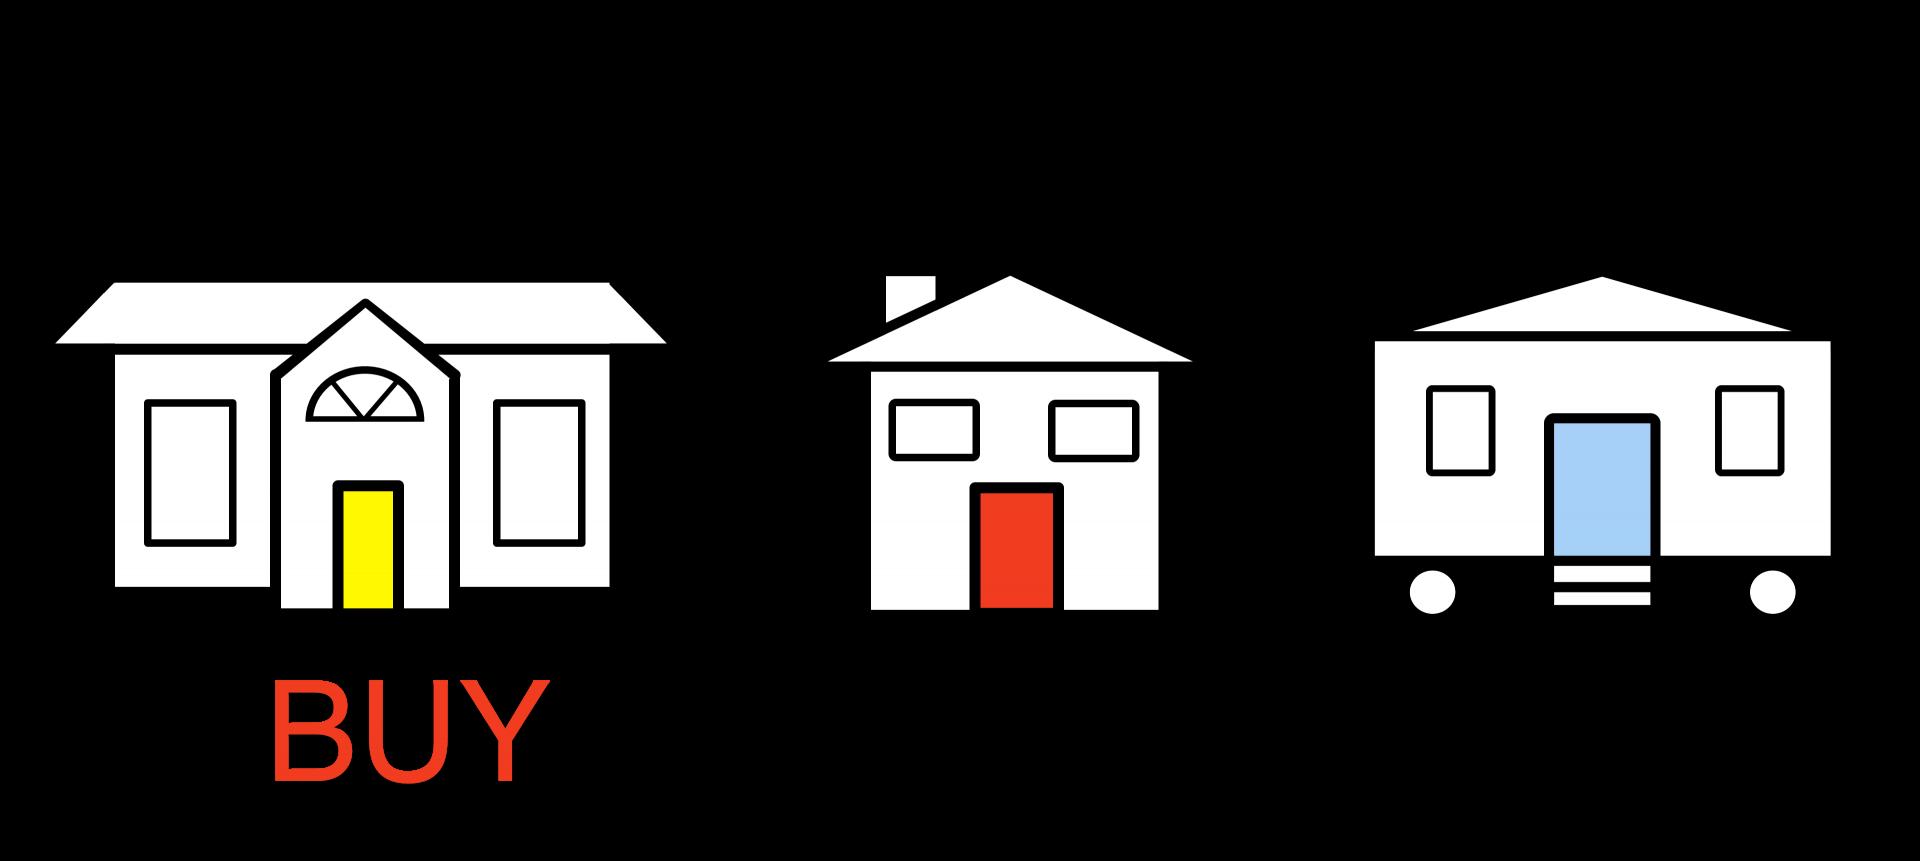 The House Guys logo